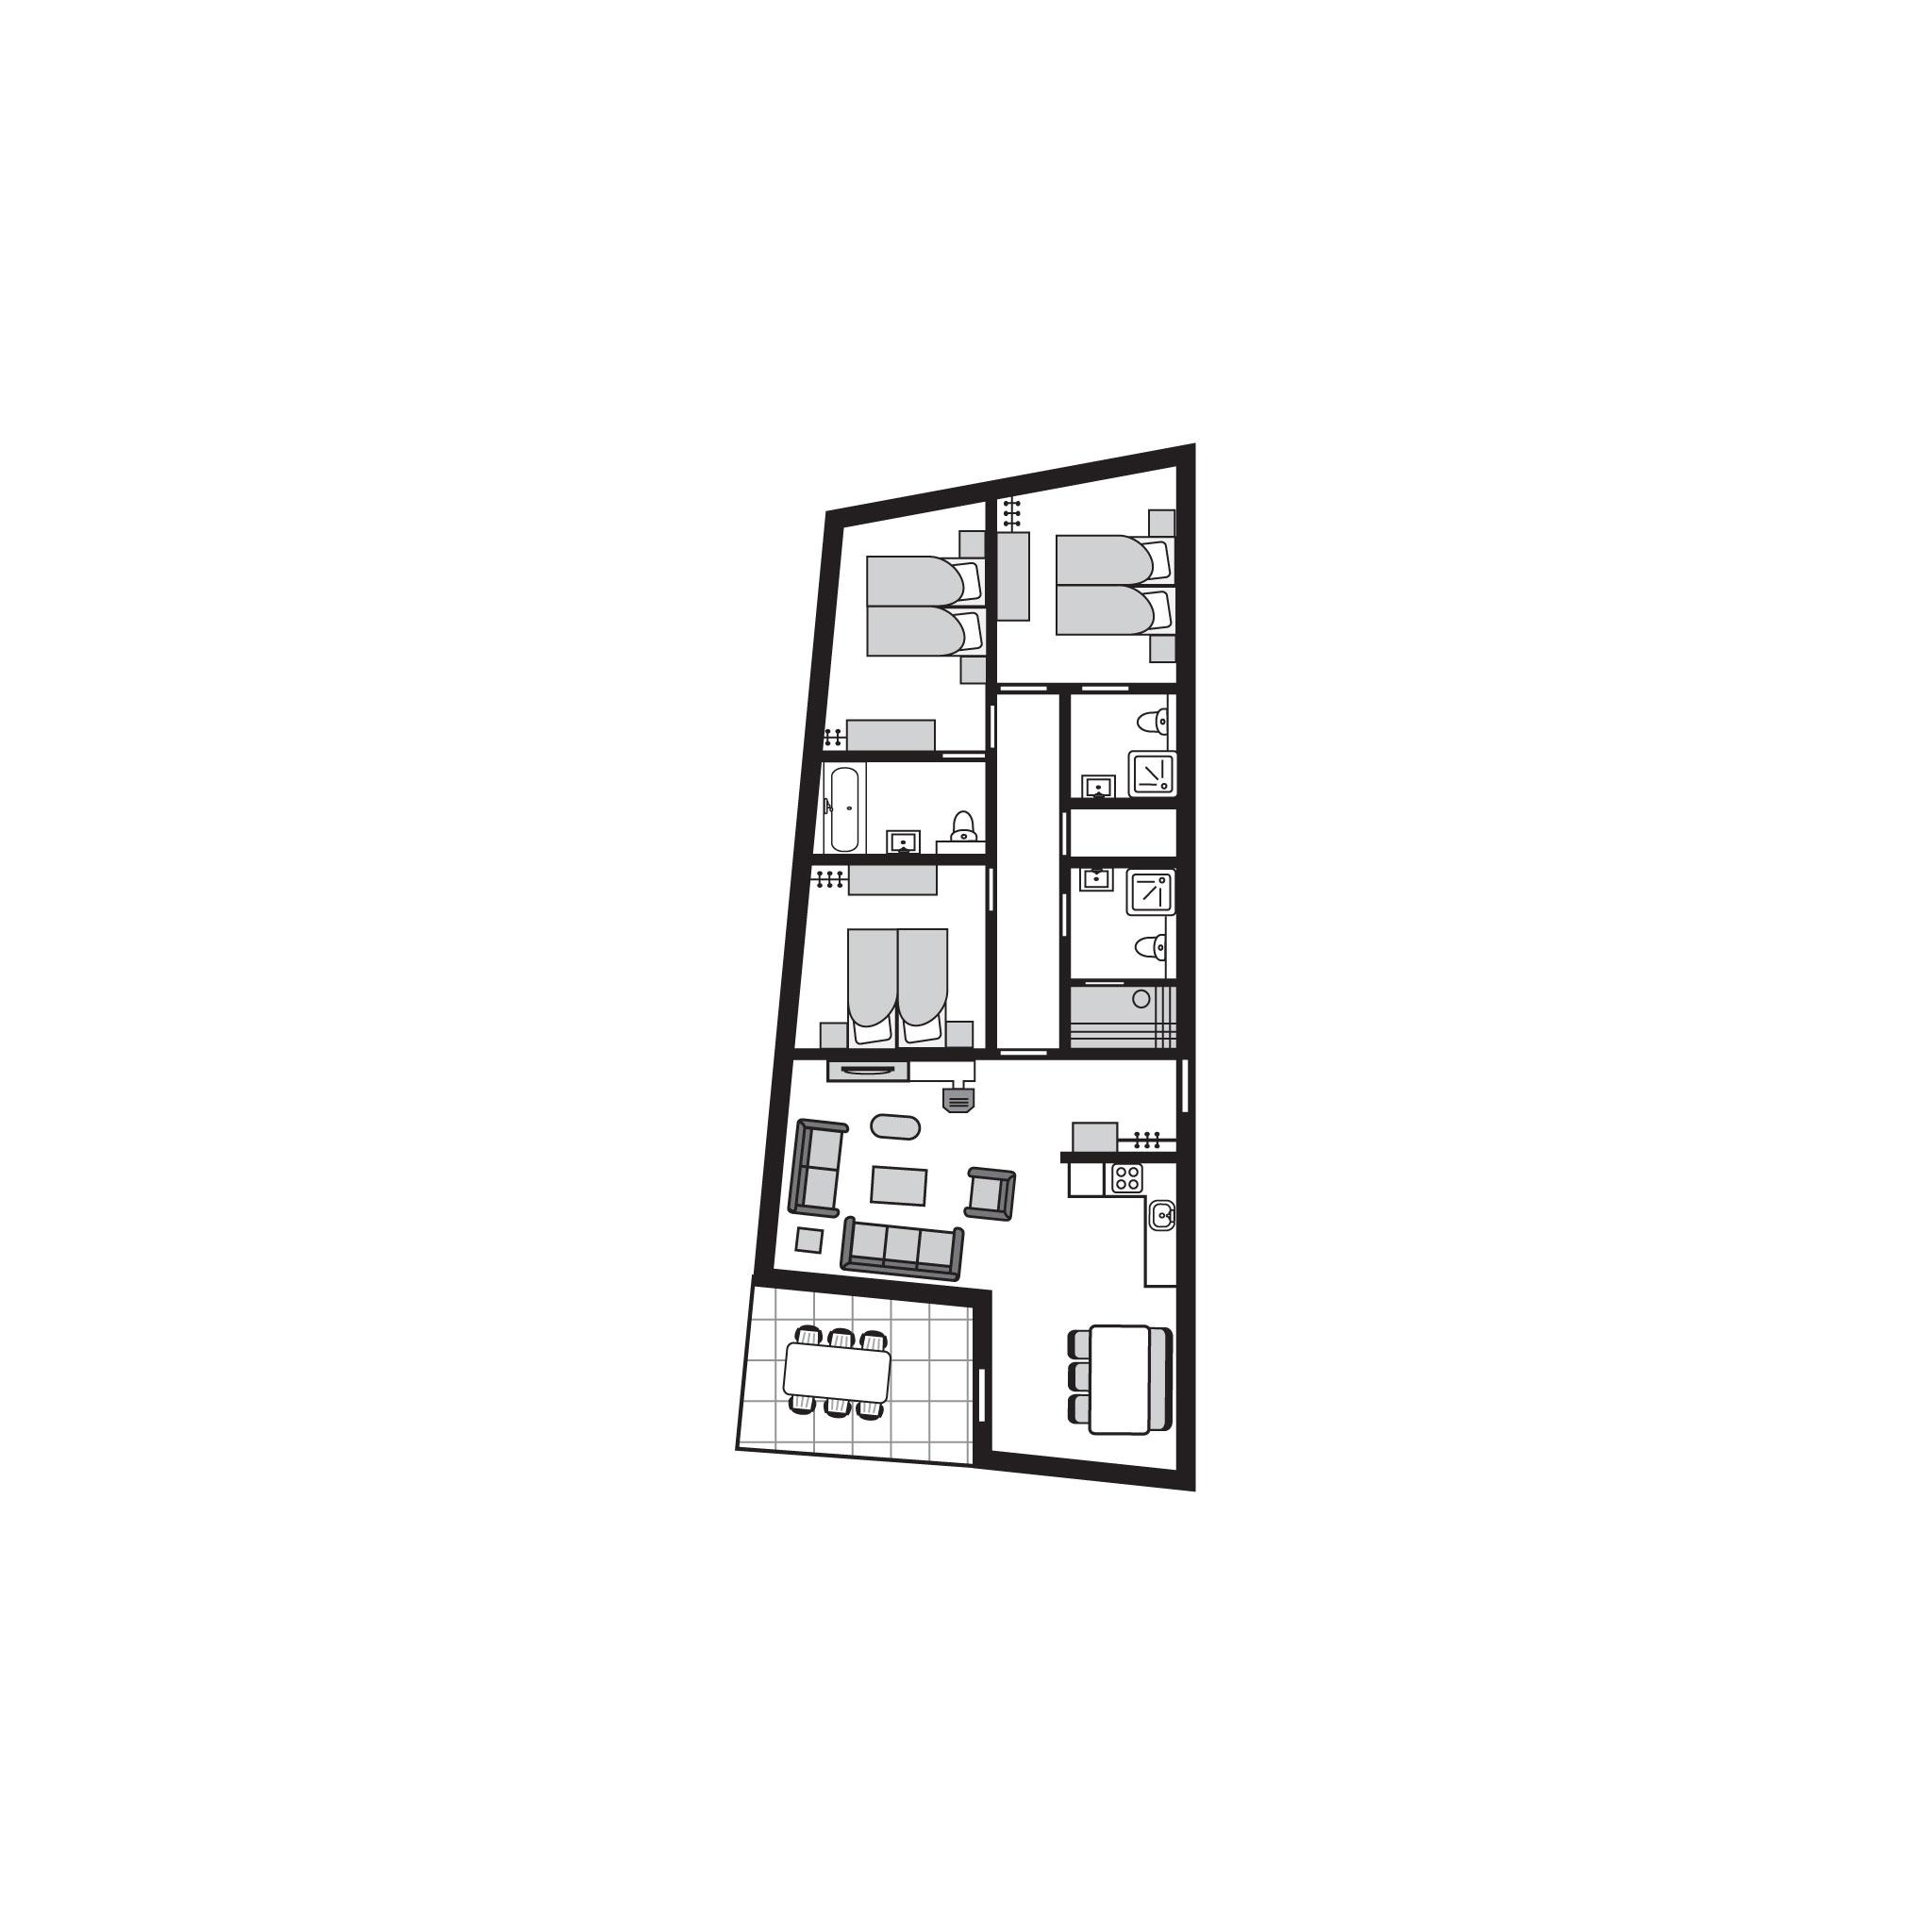 Appartement de vacances Luxus 6-Personen-Ferienwohnung im Ferienpark Landal Alpine Lodge Lenzerheide - in den Berg (828238), Lenzerheide/Lai, Lenzerheide - Valbella, Grisons, Suisse, image 24